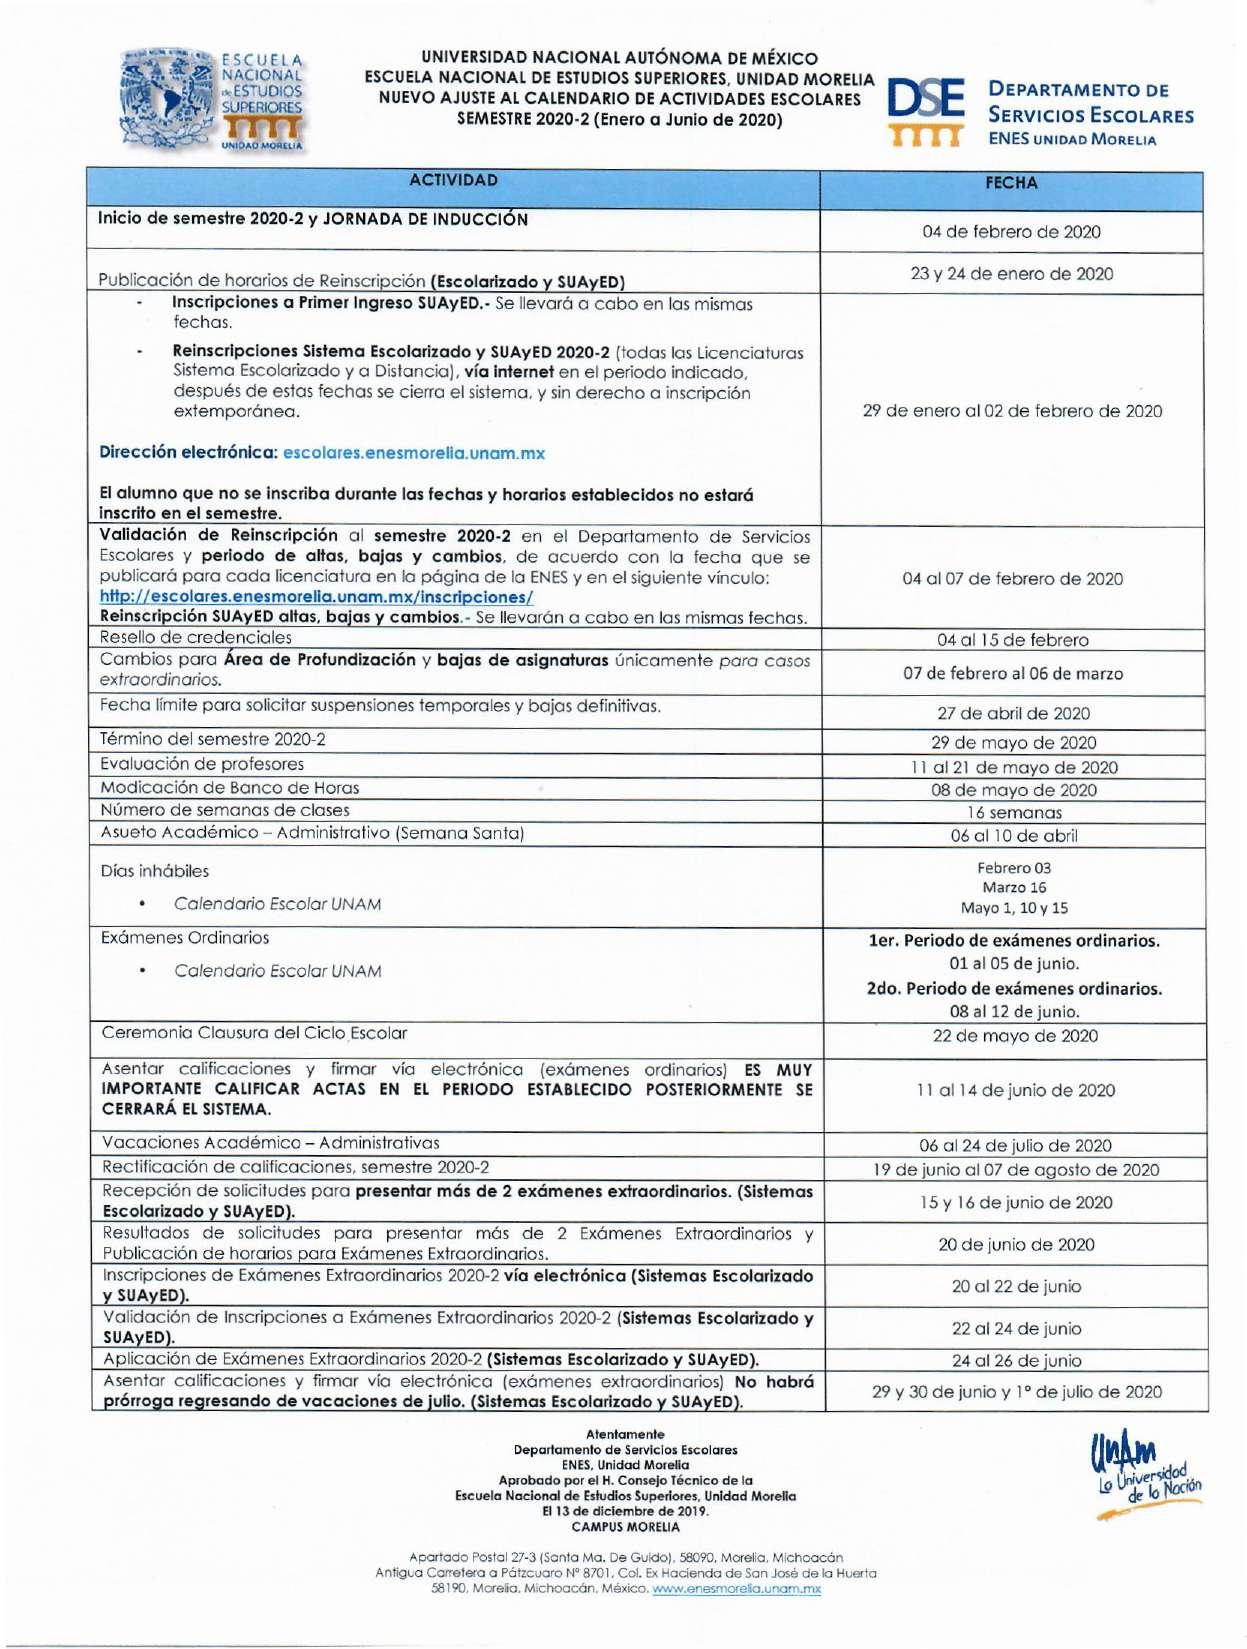 Adecuación Calendario 2020-2